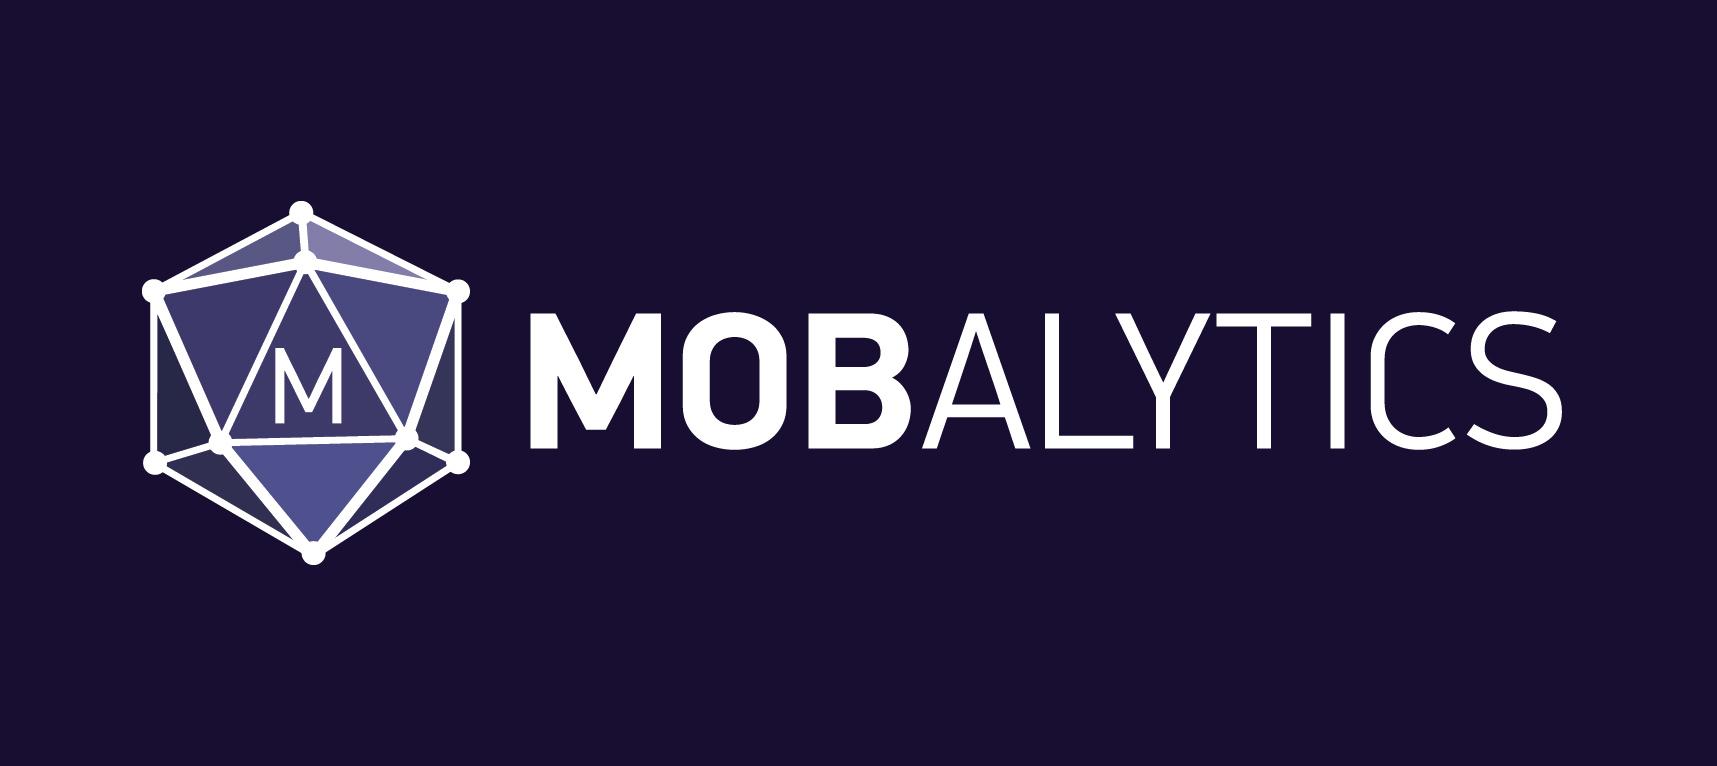 Mobalytics